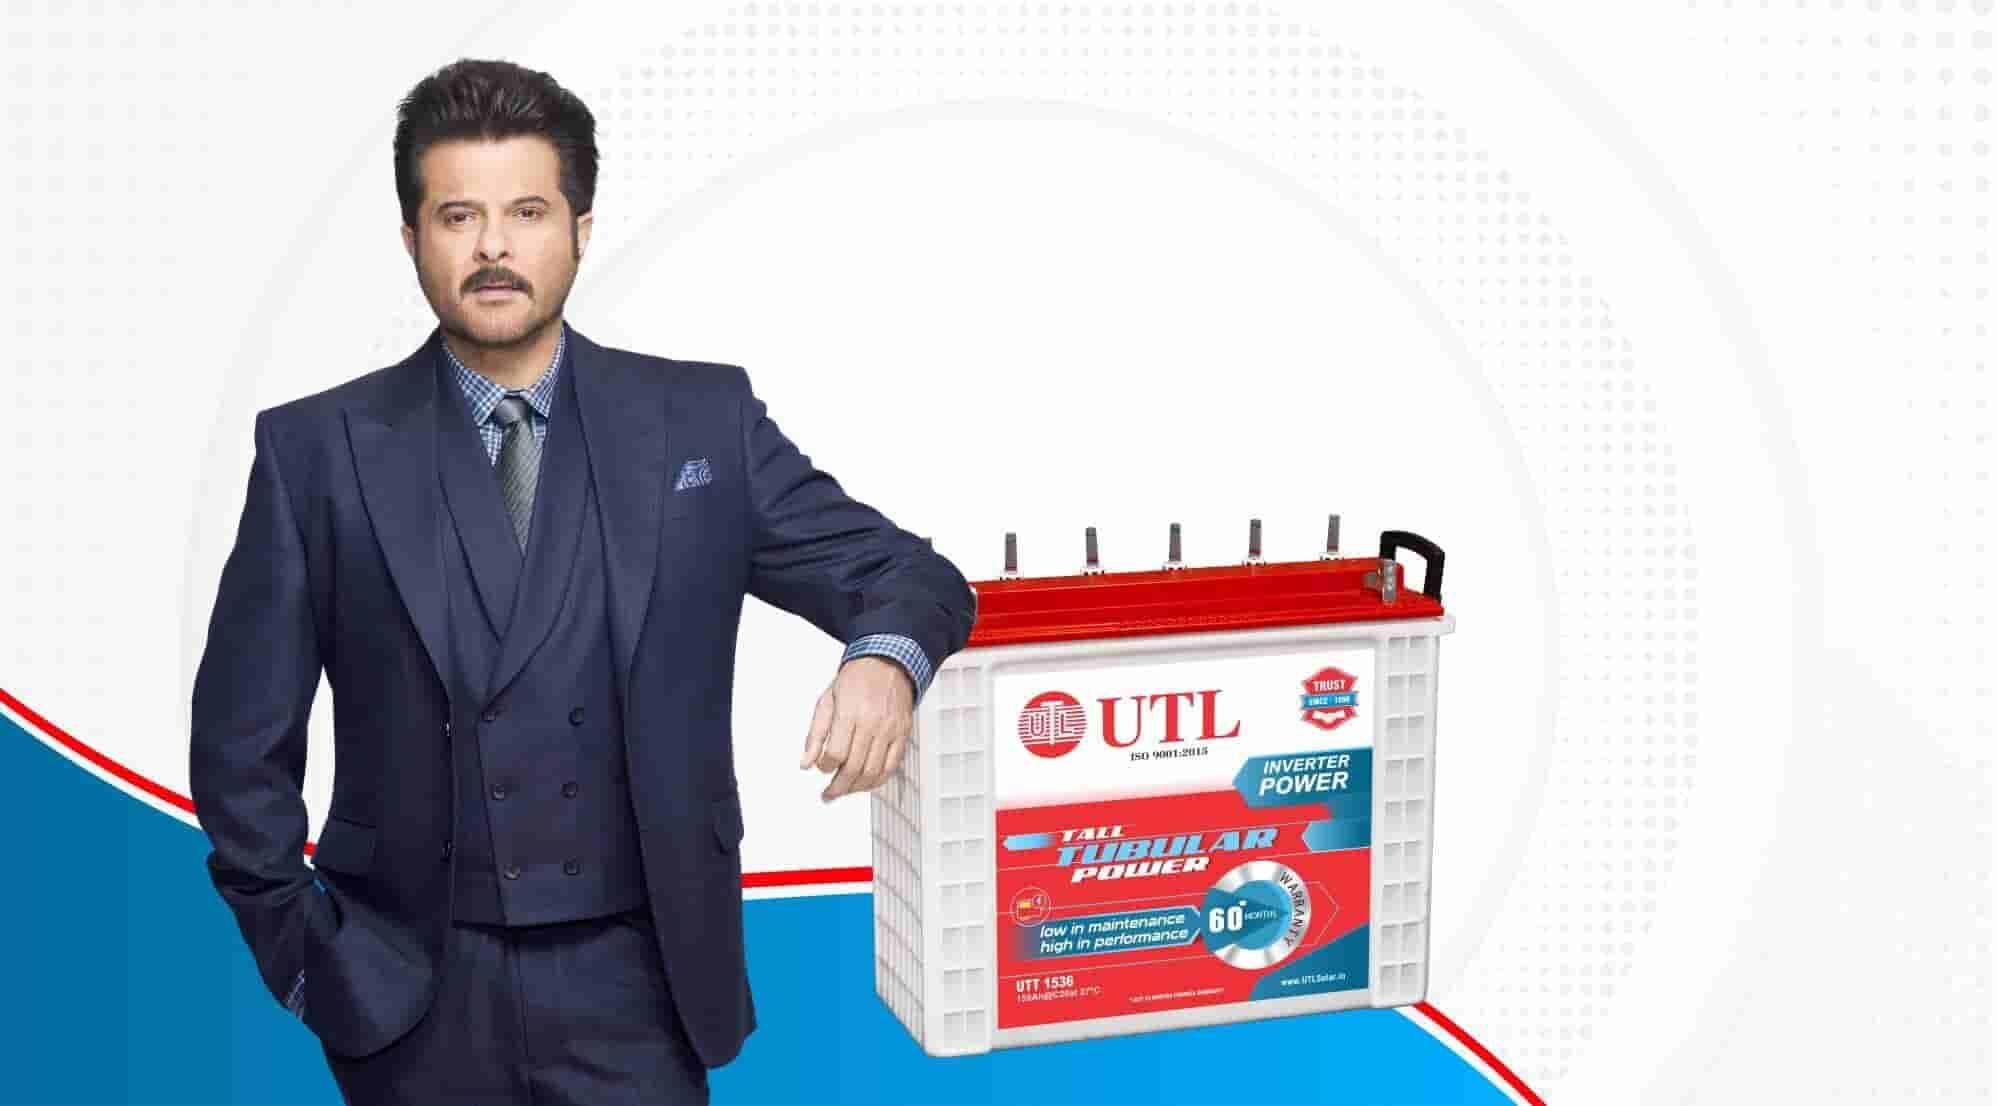 UTT 1536 Solar Inverter Battery